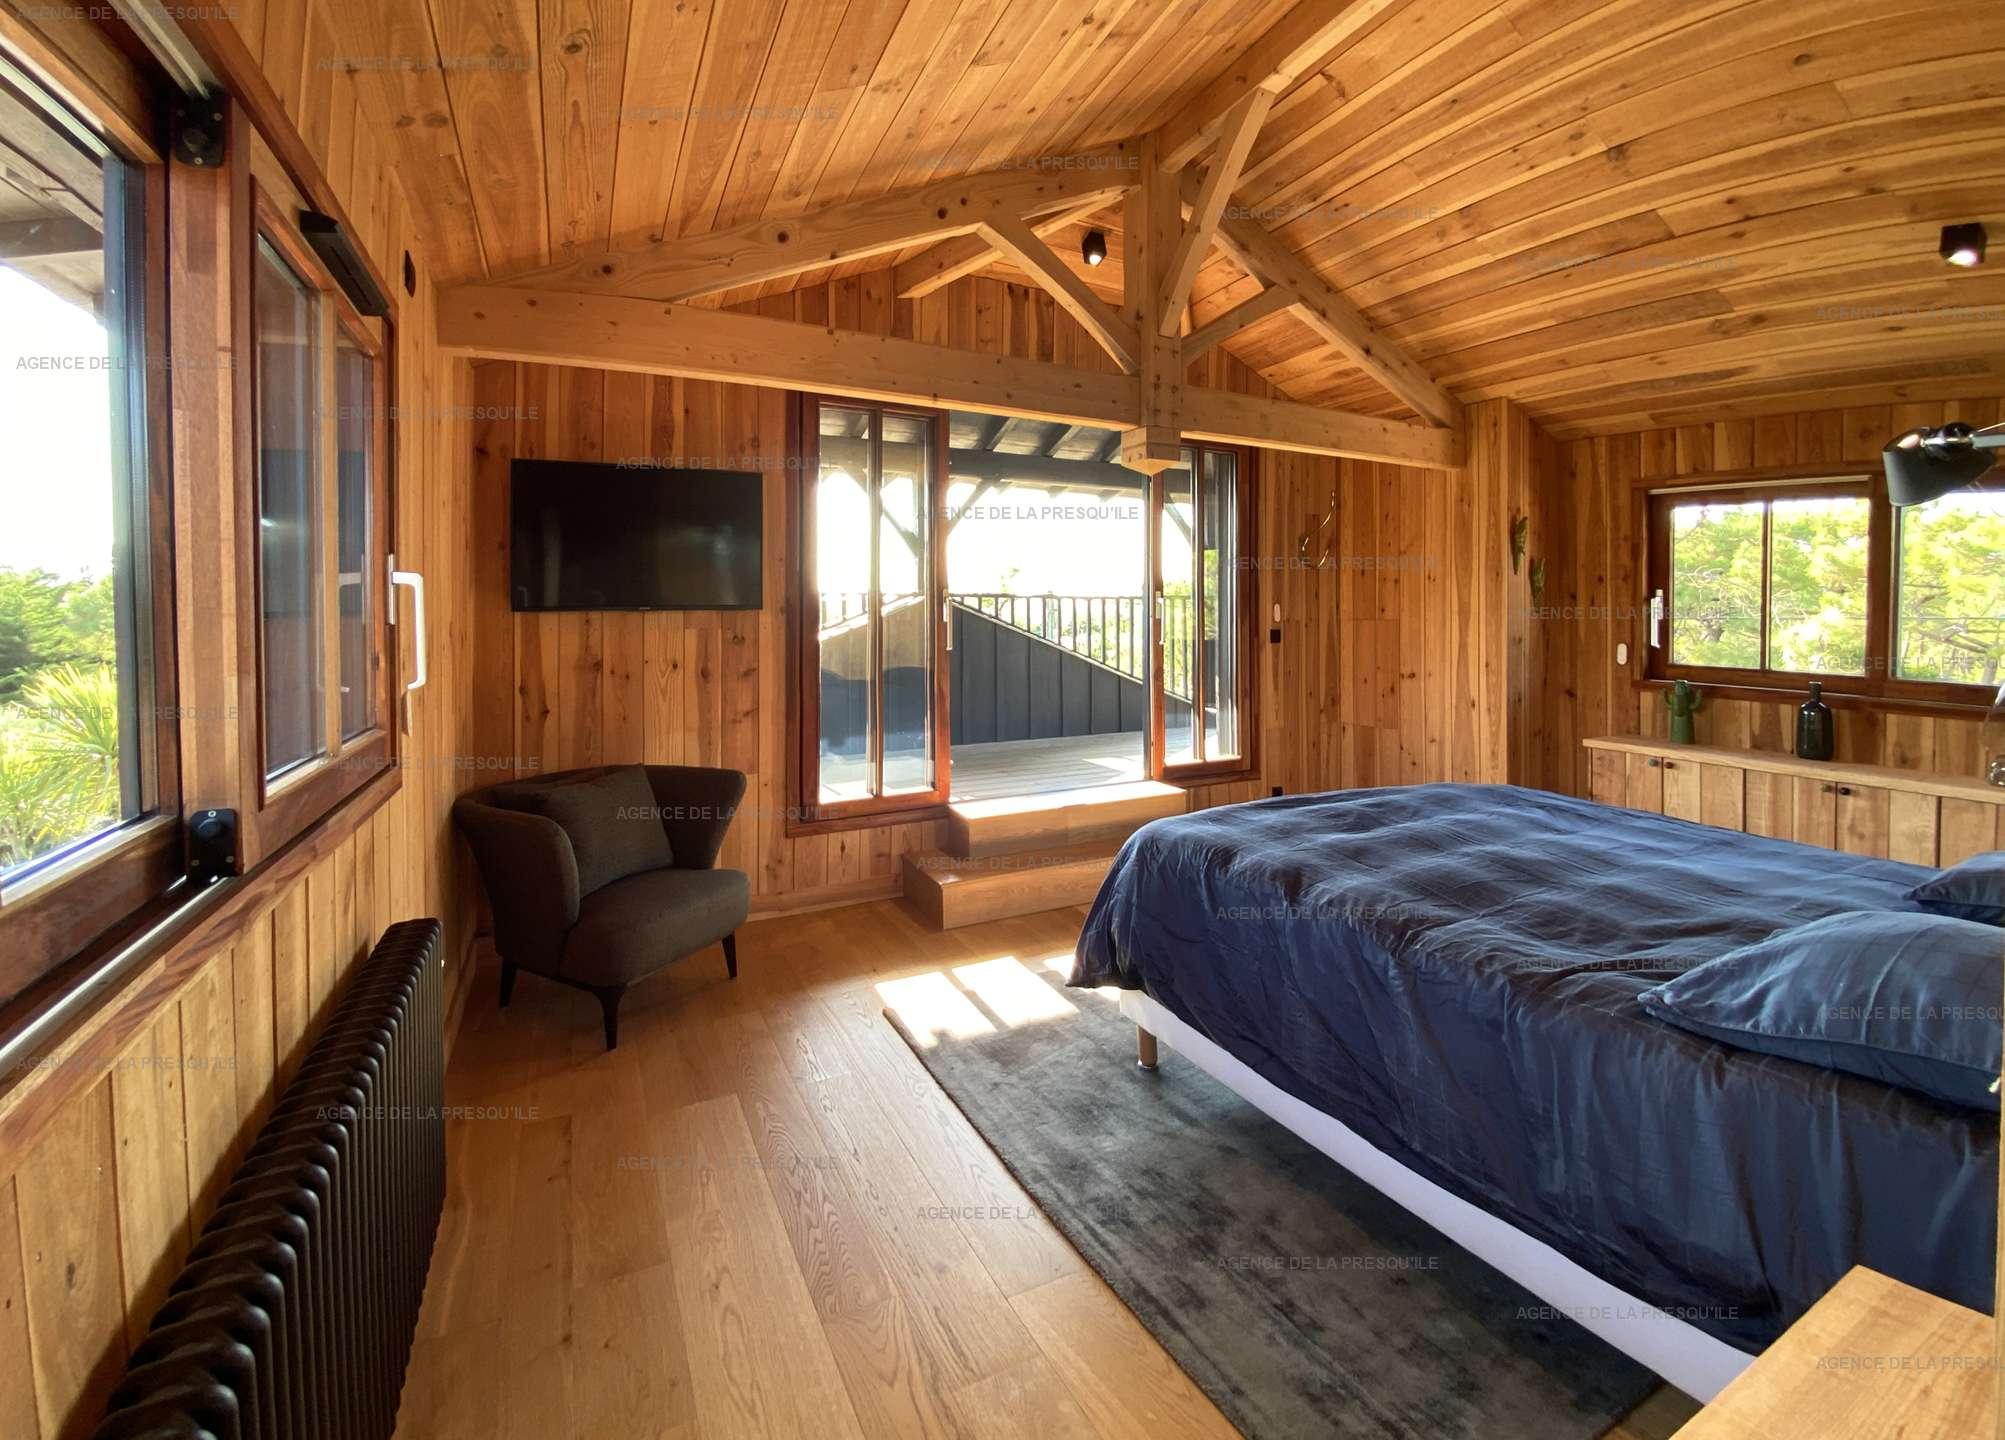 Location: Séduisante villa en bois neuve avec piscine 9